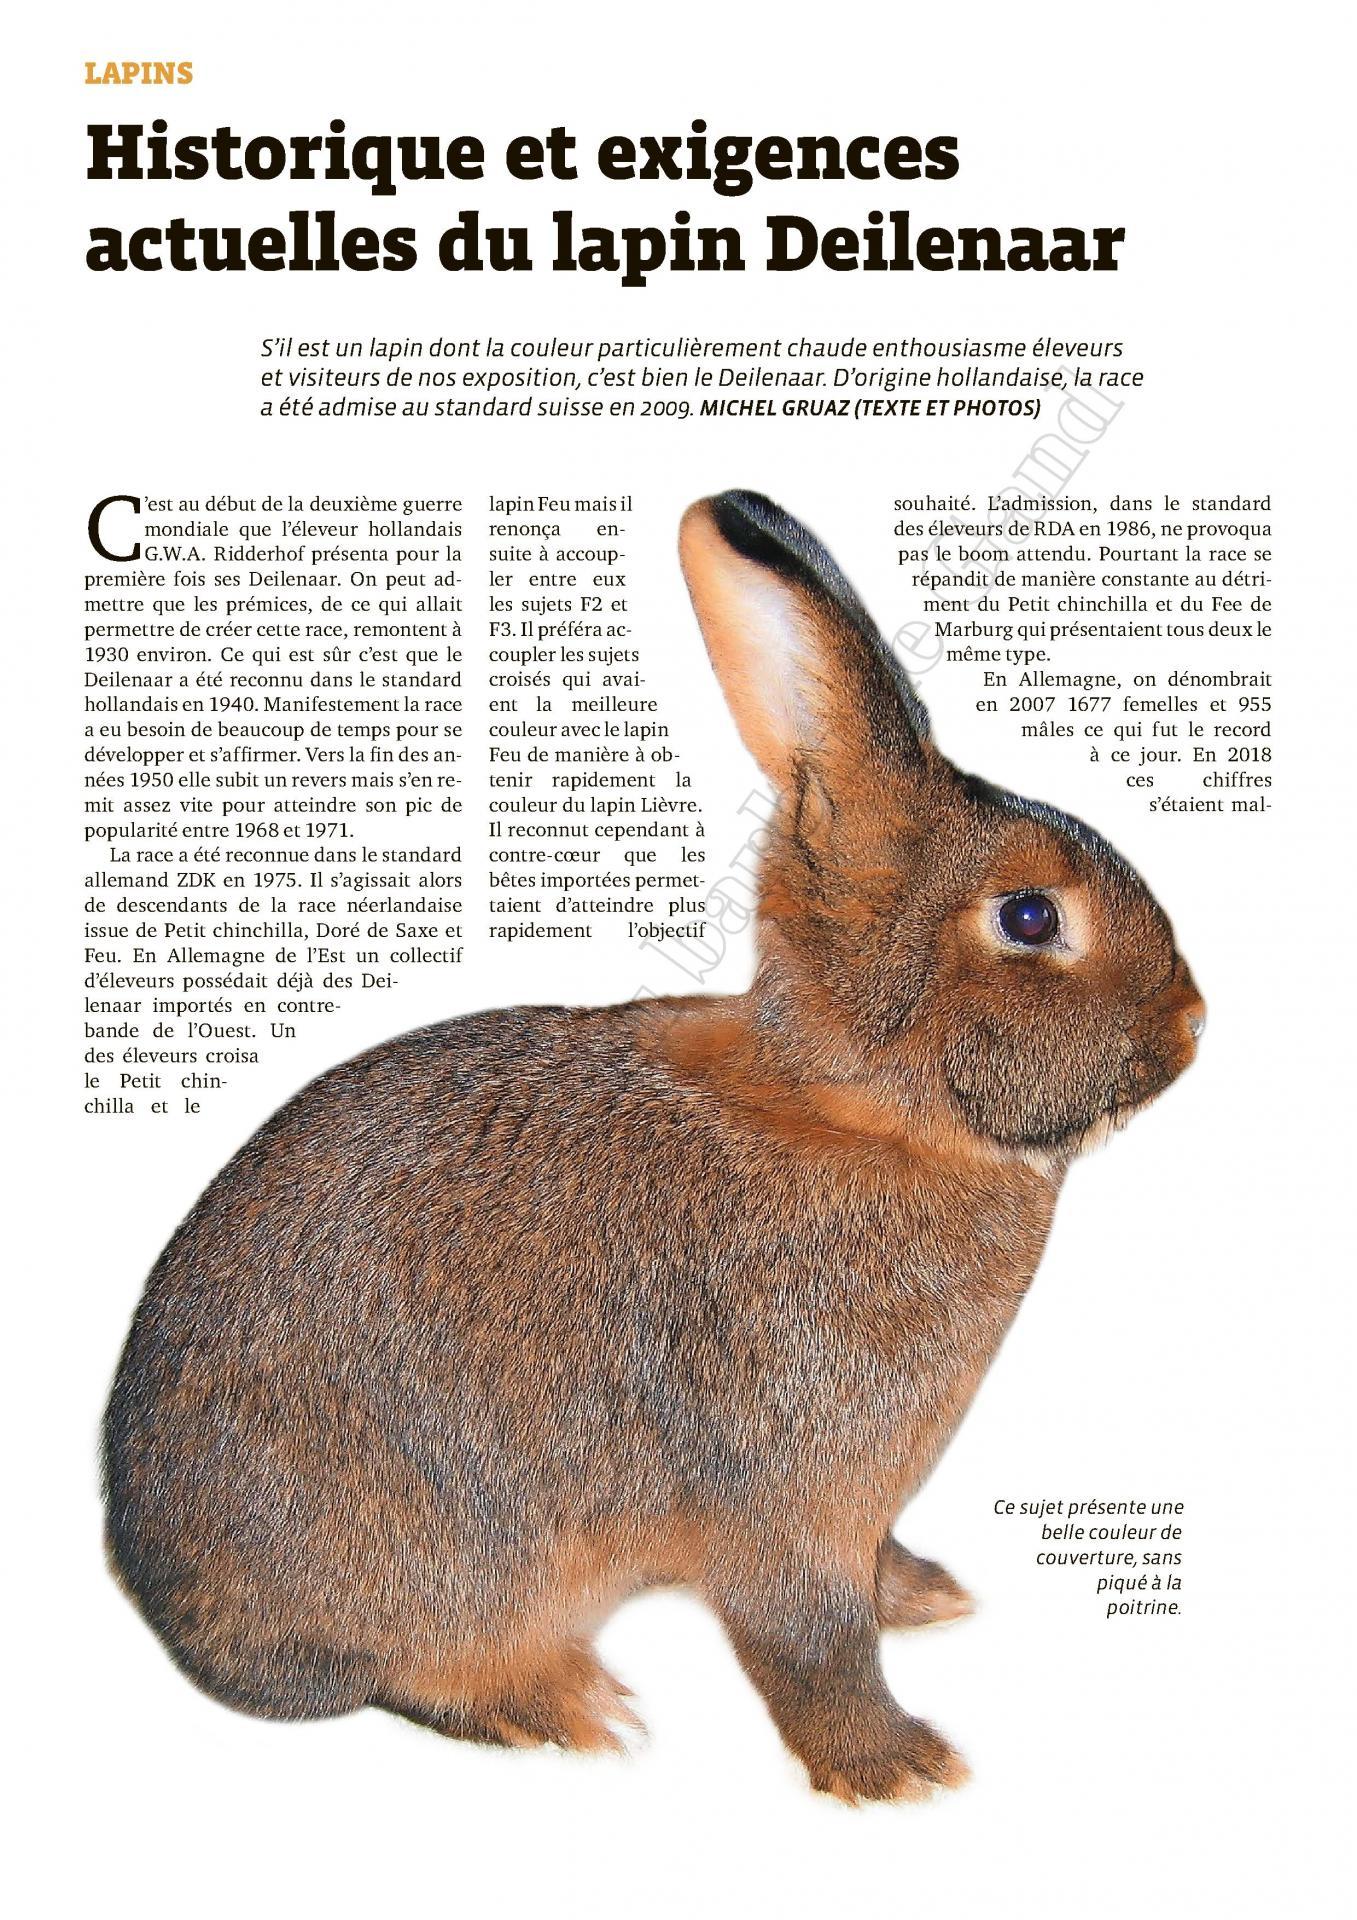 Historique et exigences actuelles du lapin deilenaar 1